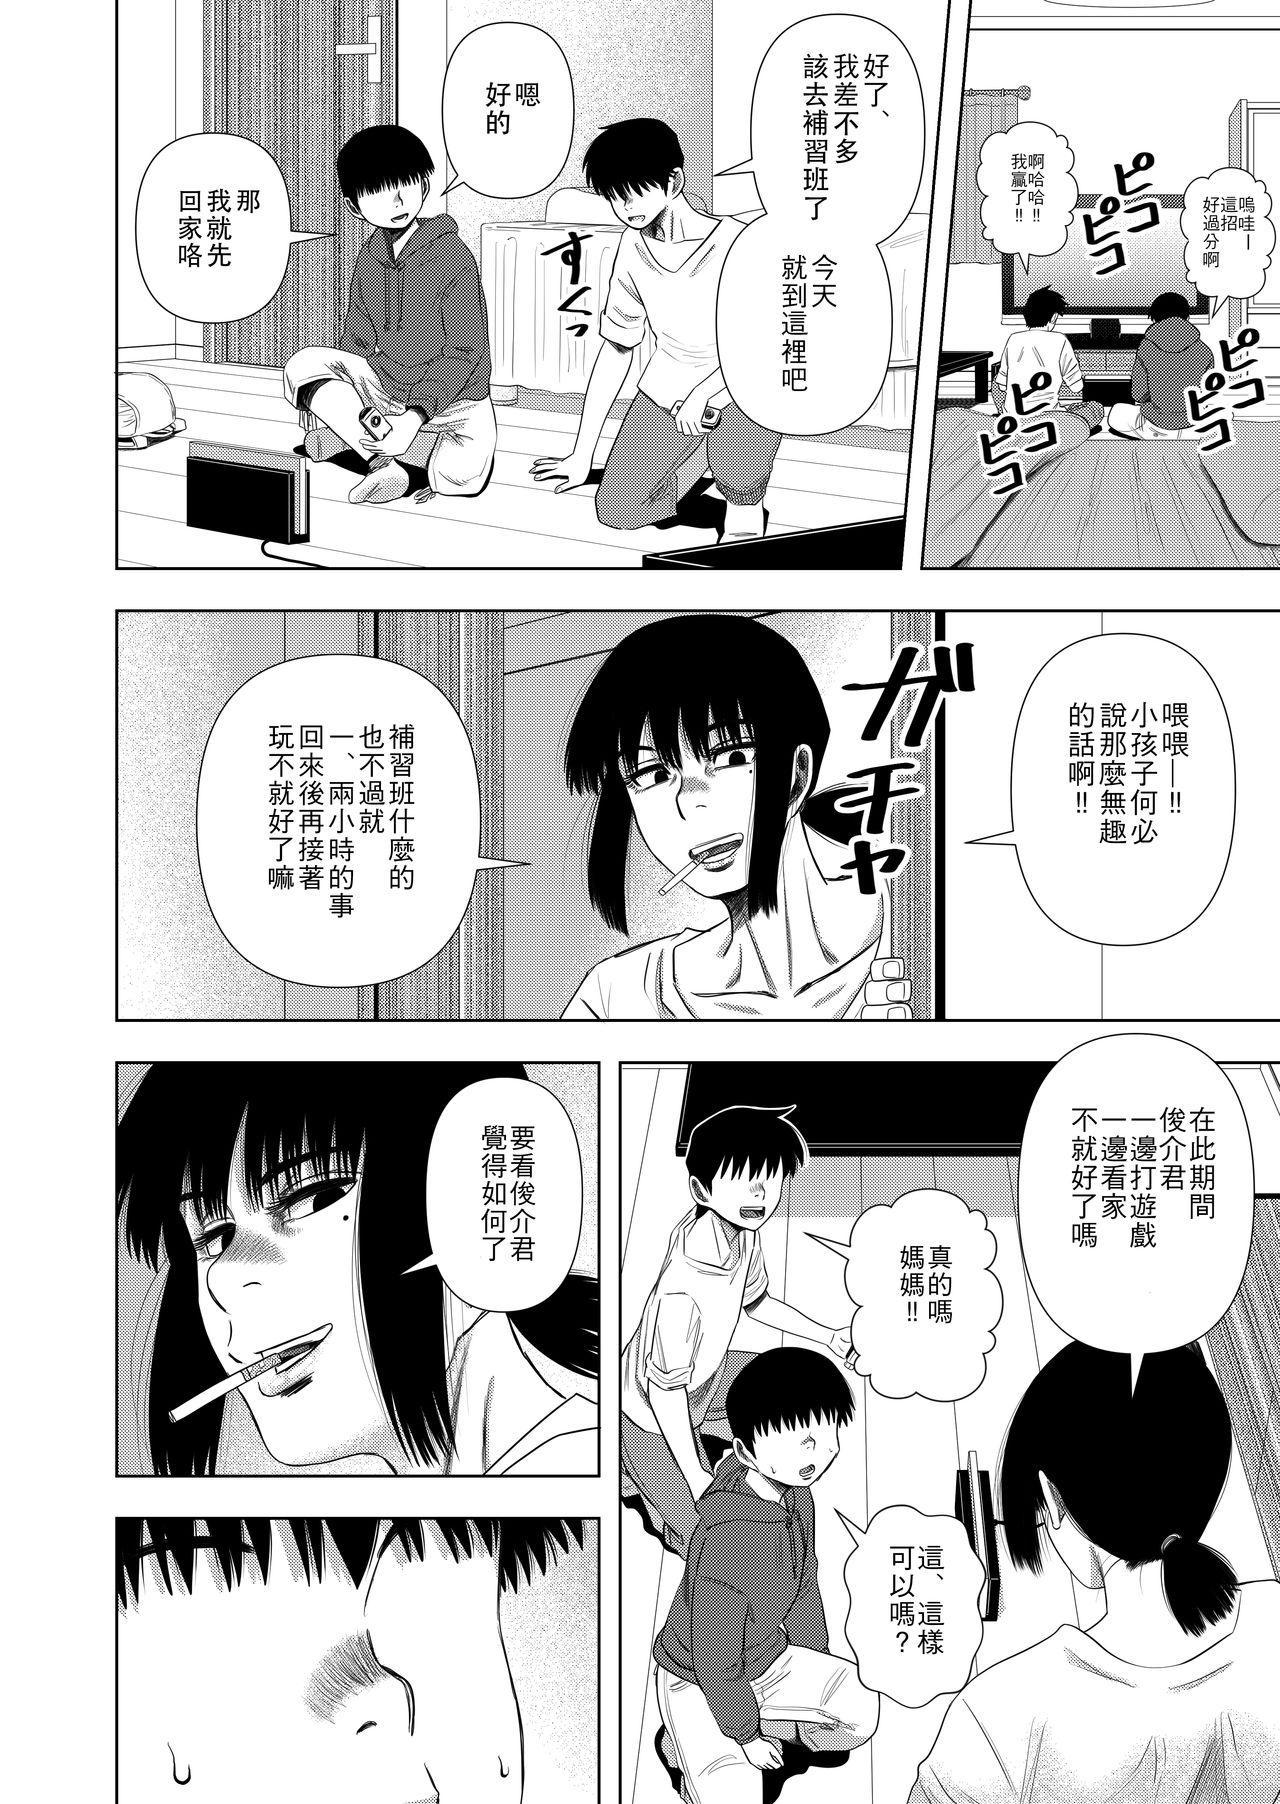 Tomodachi no Okaa-san to… 4